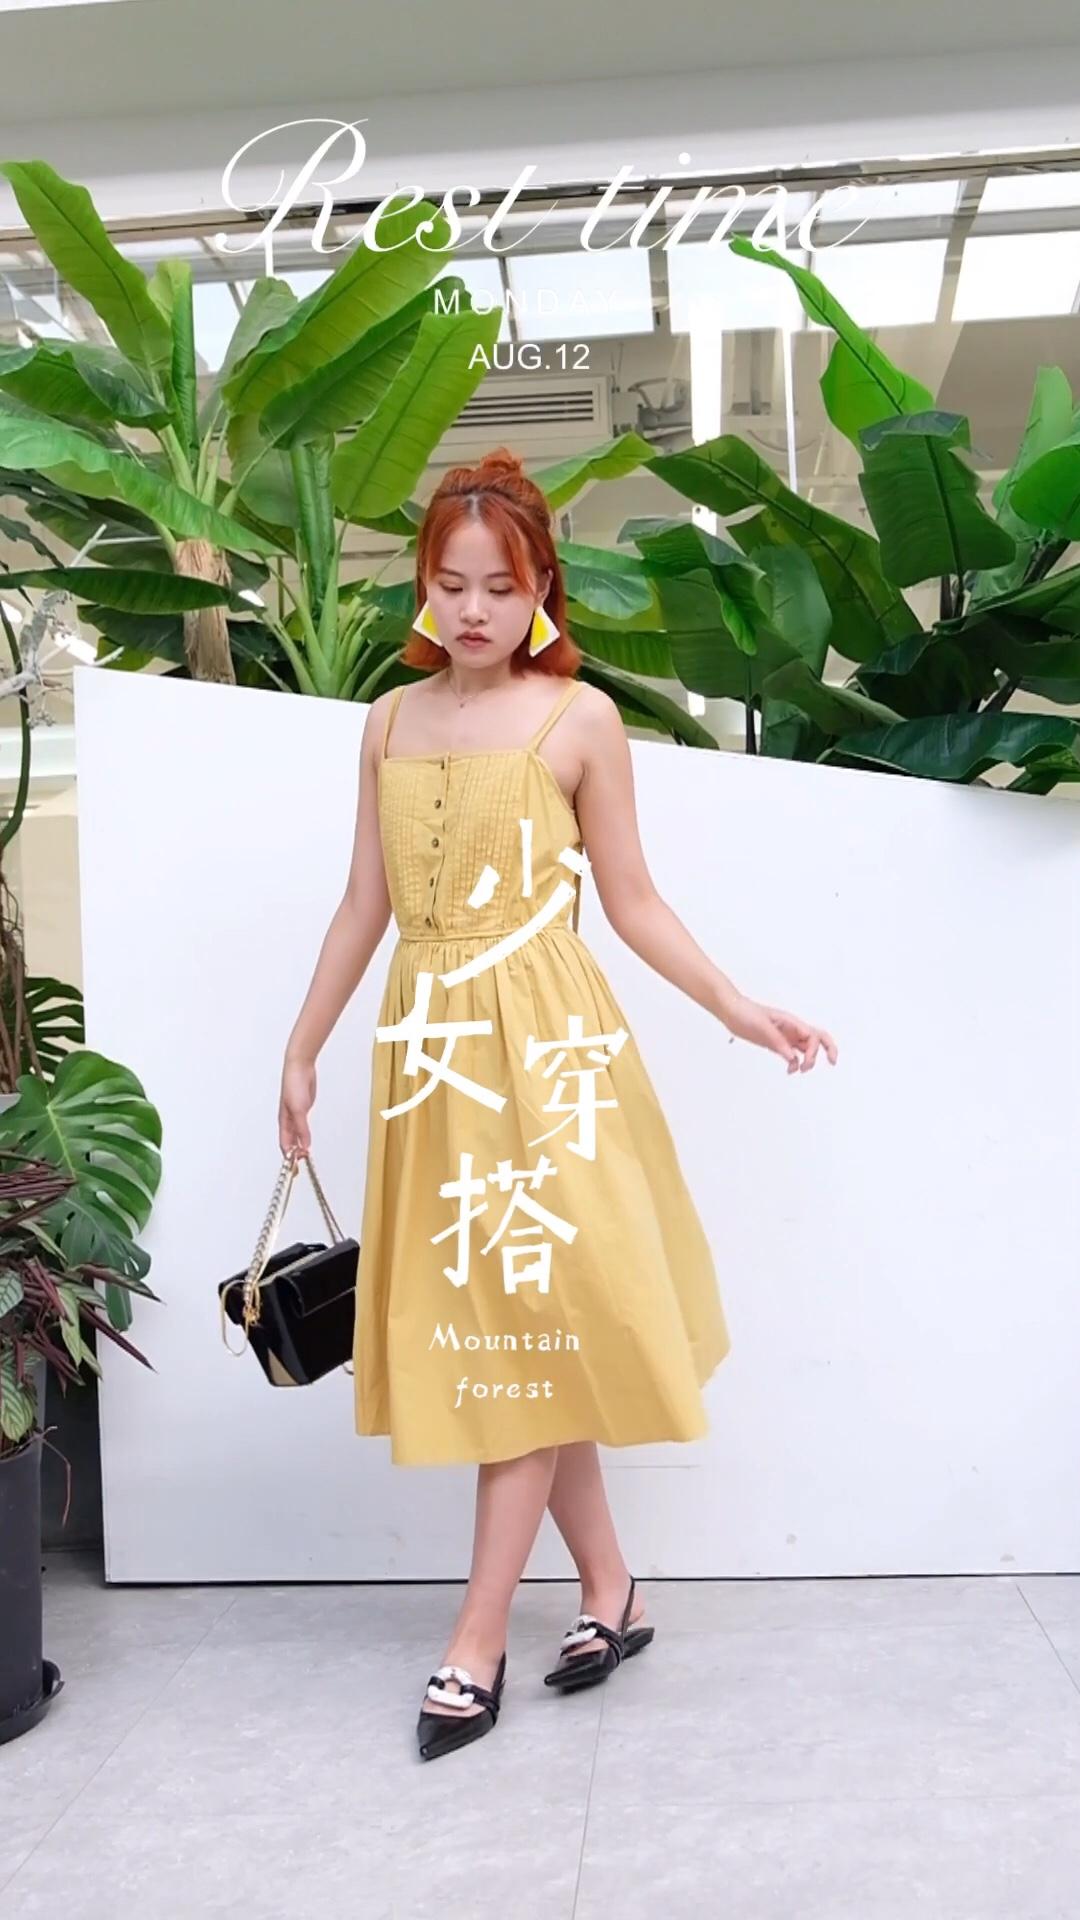 #蘑菇街新品测评#  今年夏天除了推荐 好多印花的连衣裙之外 最最近发现今年流行穿黄色连衣裙 黄色时尚又高级 不会太夸张的颜色 很有小清新的调调~ 穿上身时尚又百搭 秒变优雅小女人